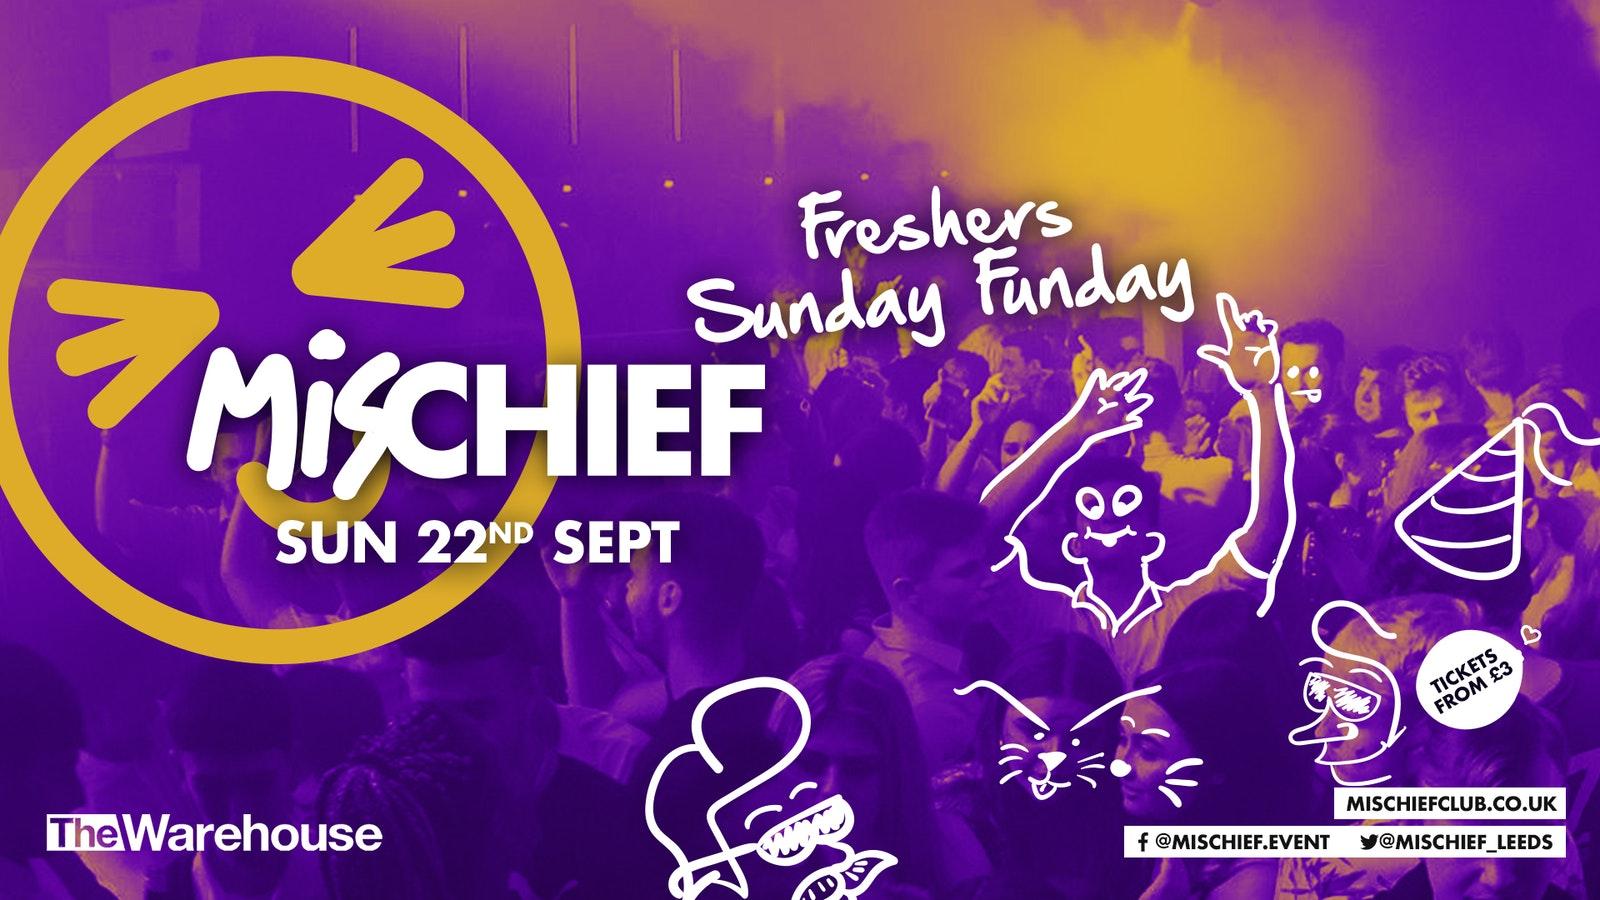 Mischief | Freshers Sunday Funday